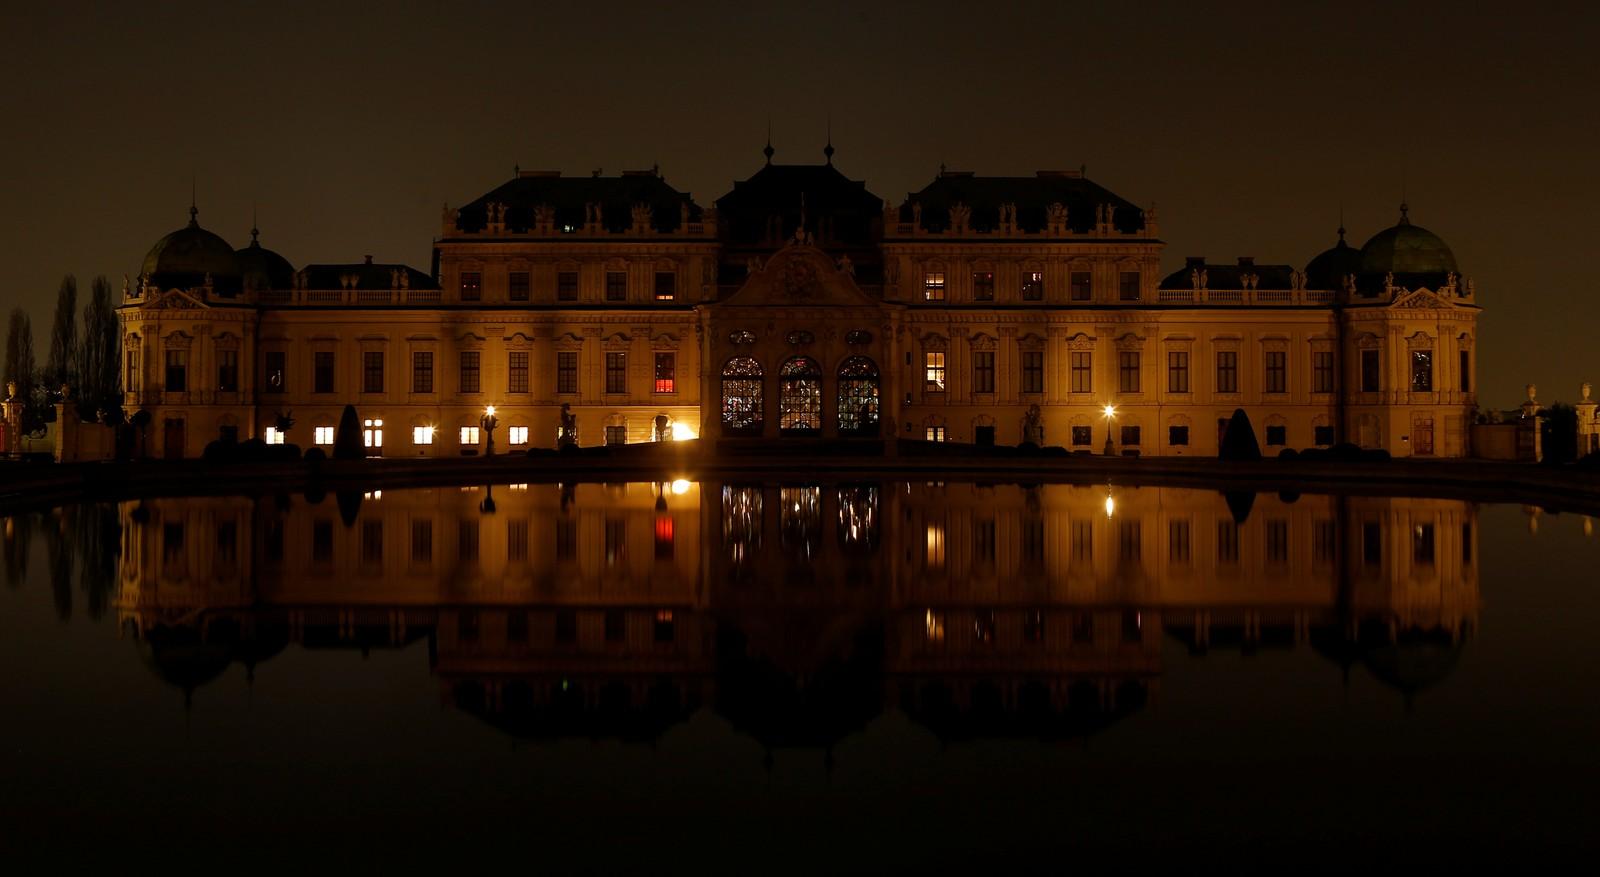 Palasset Belvedere i Wien i Østerrike etter at lysene slukkes.